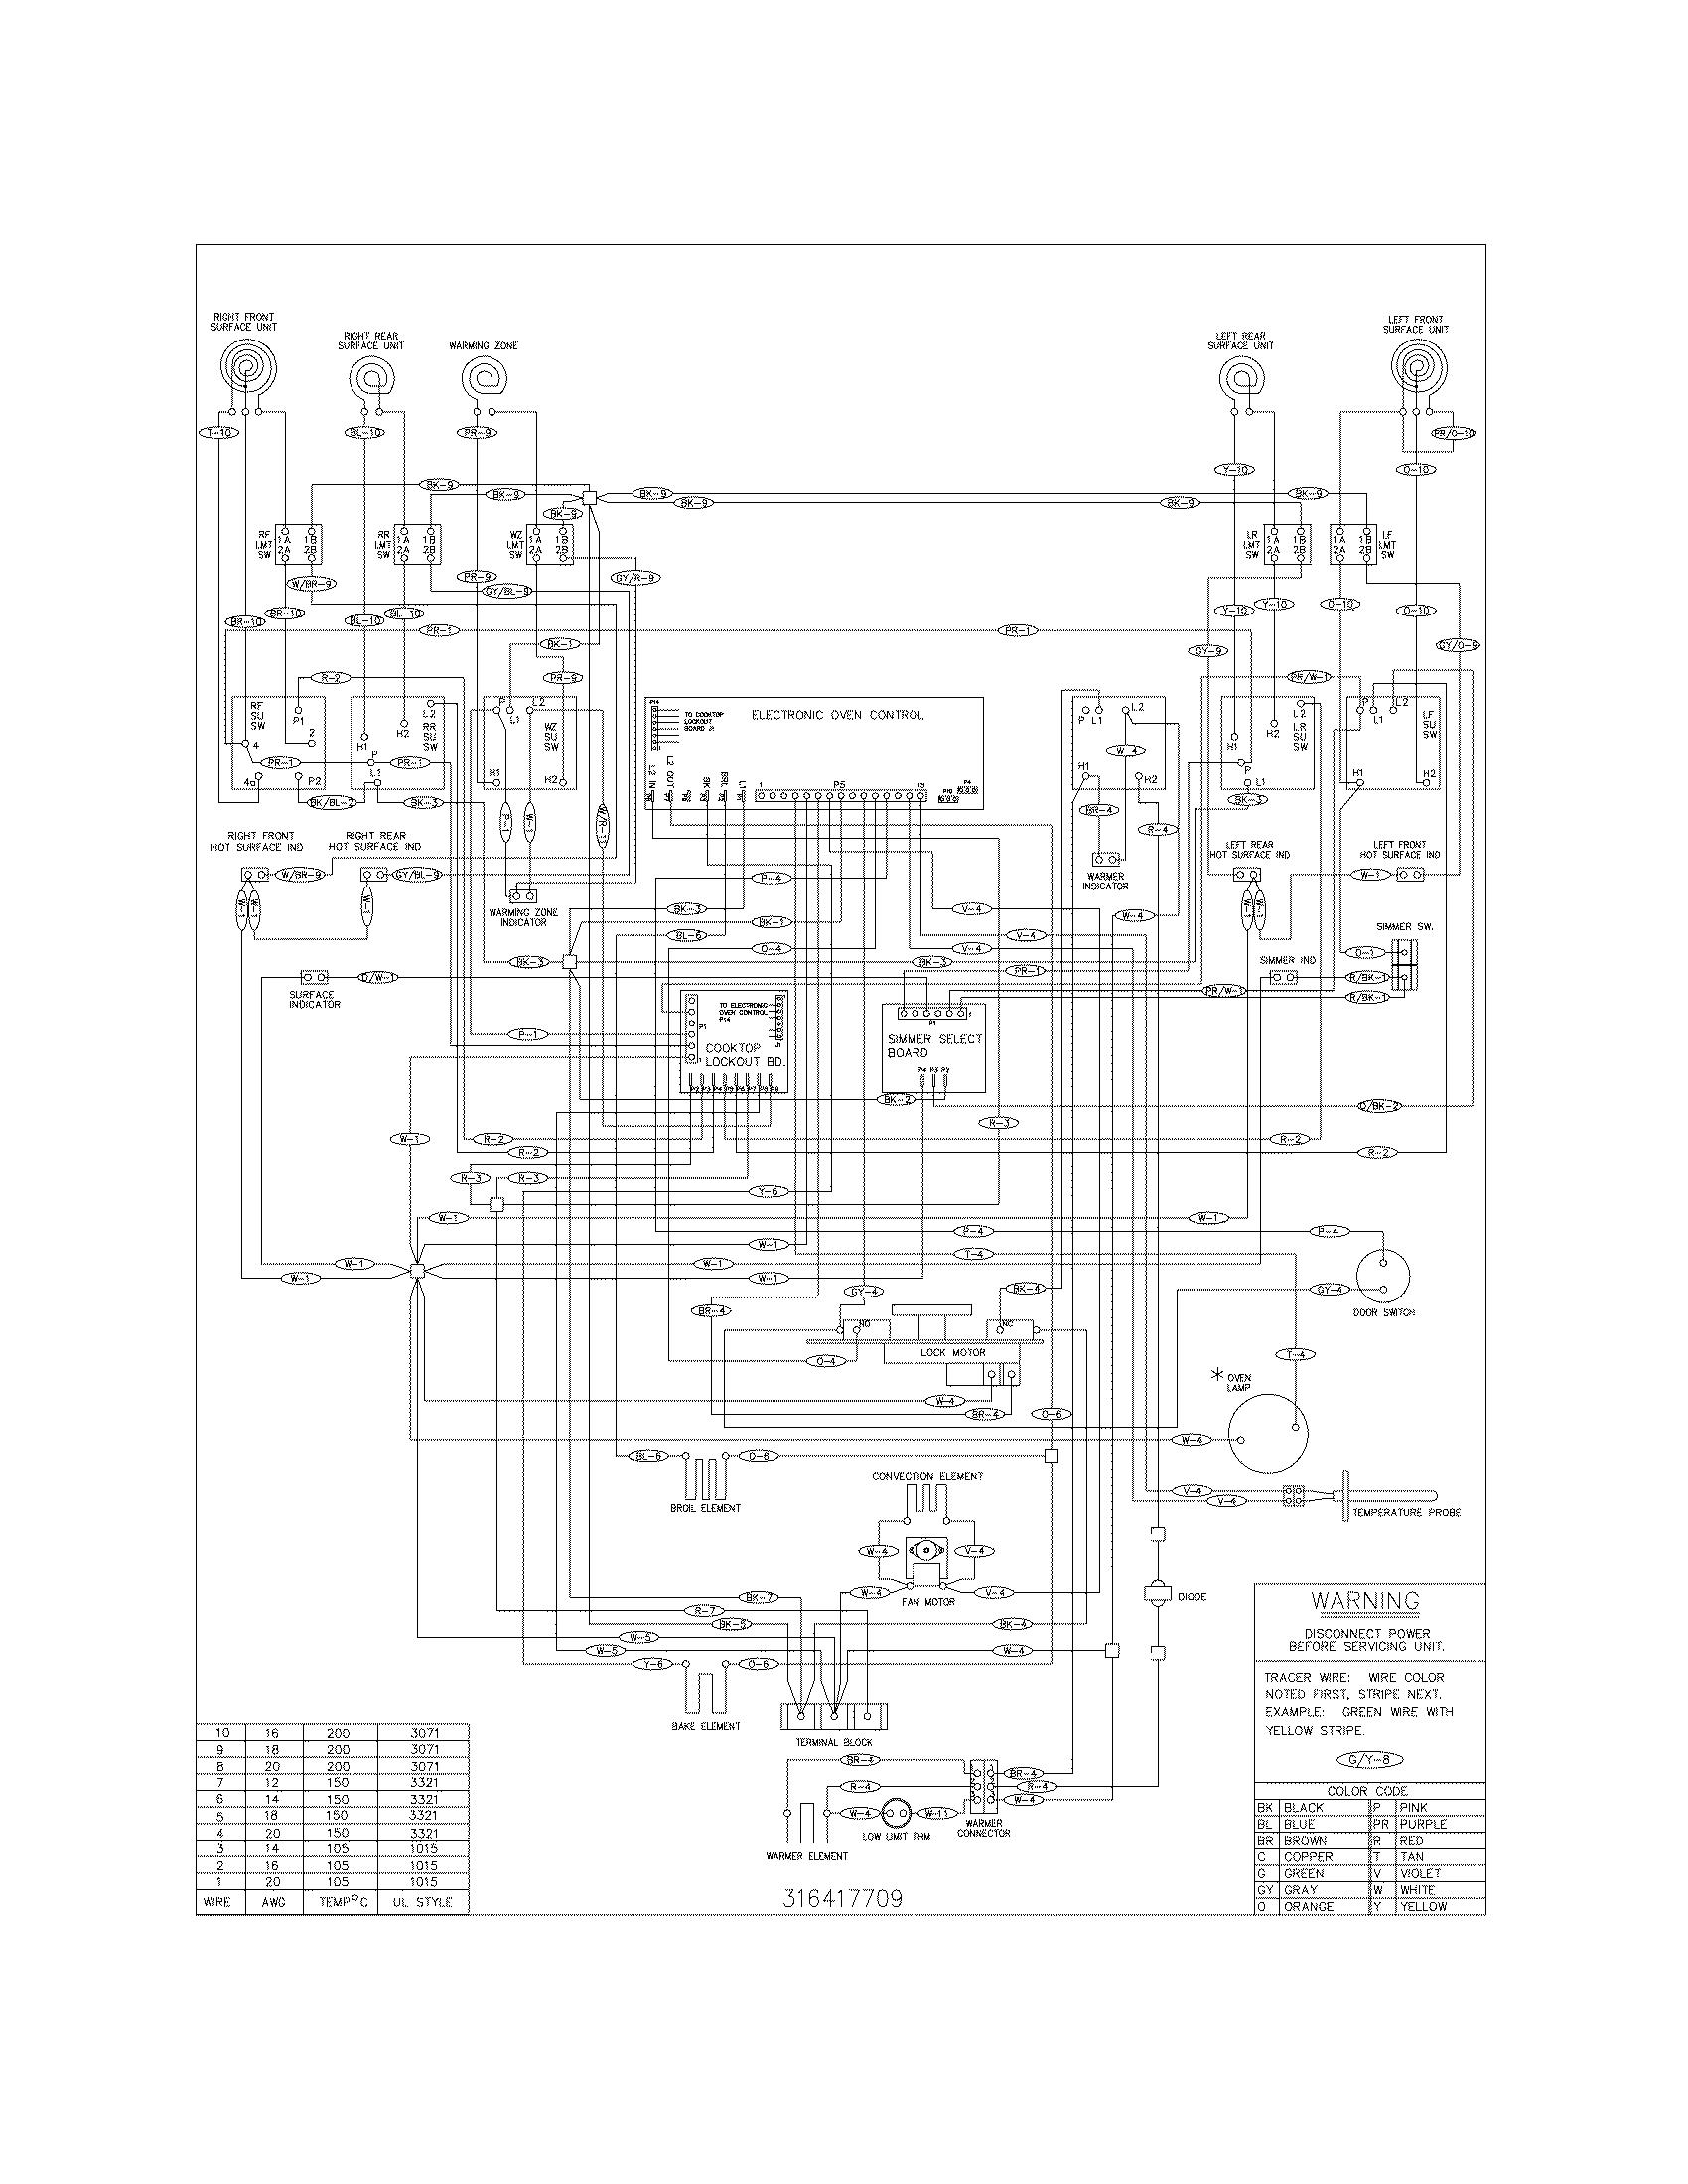 Kelvinator Stove Wiring Diagram